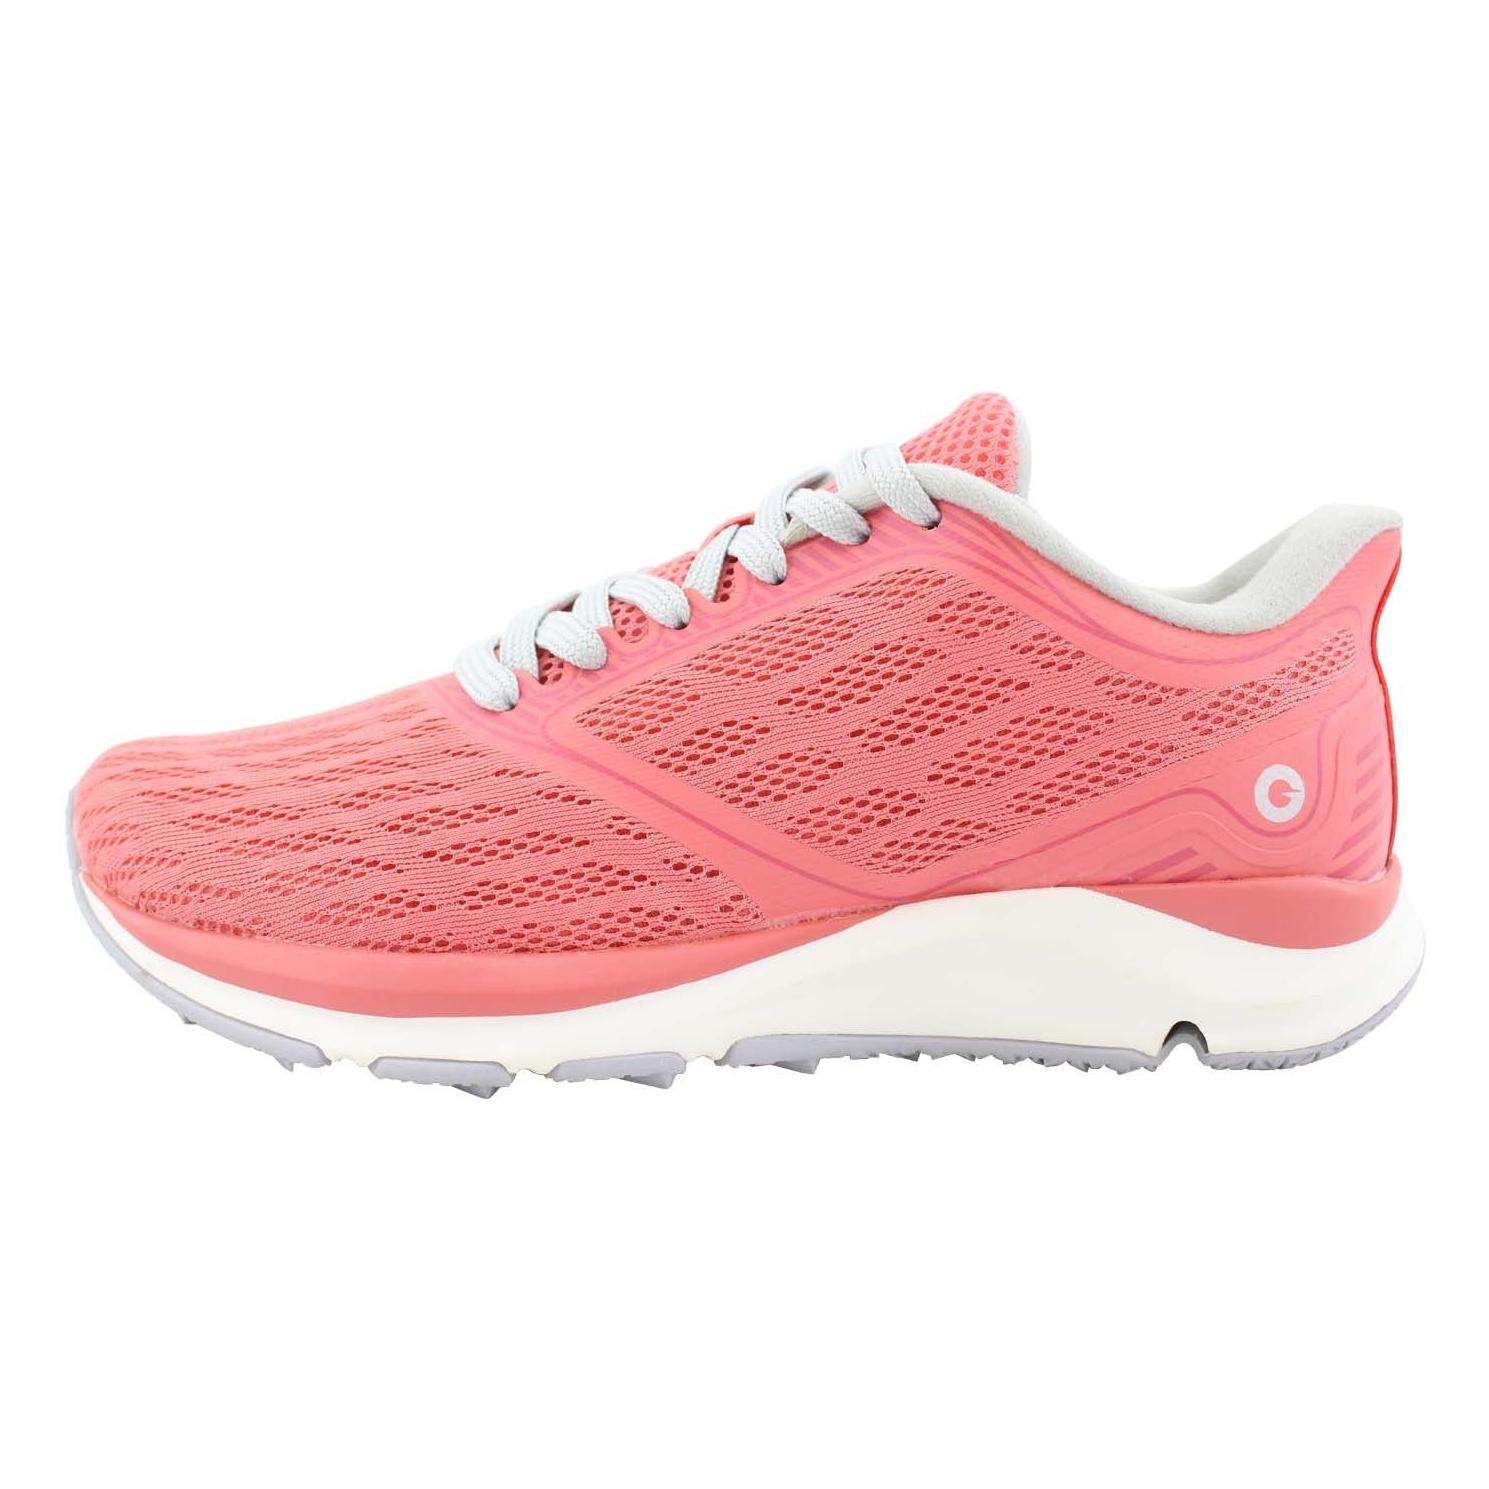 کفش مخصوص پیاده روی زنانه امیزفیت مدل Antelope Light Outdoor